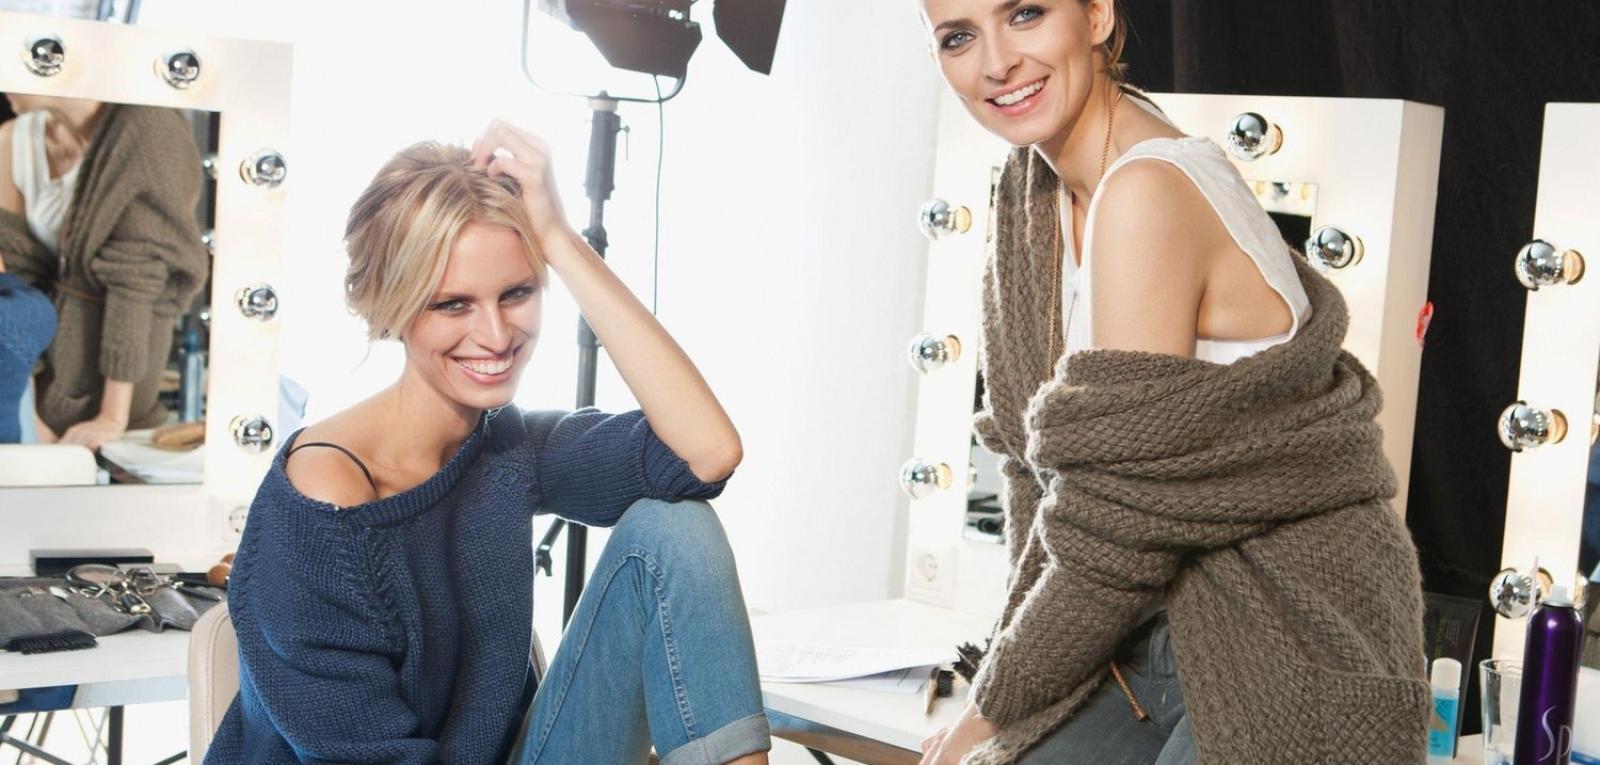 perfekt-moderatorinnen-garderobe-DW-Vermischtes-Bangkok-jpg